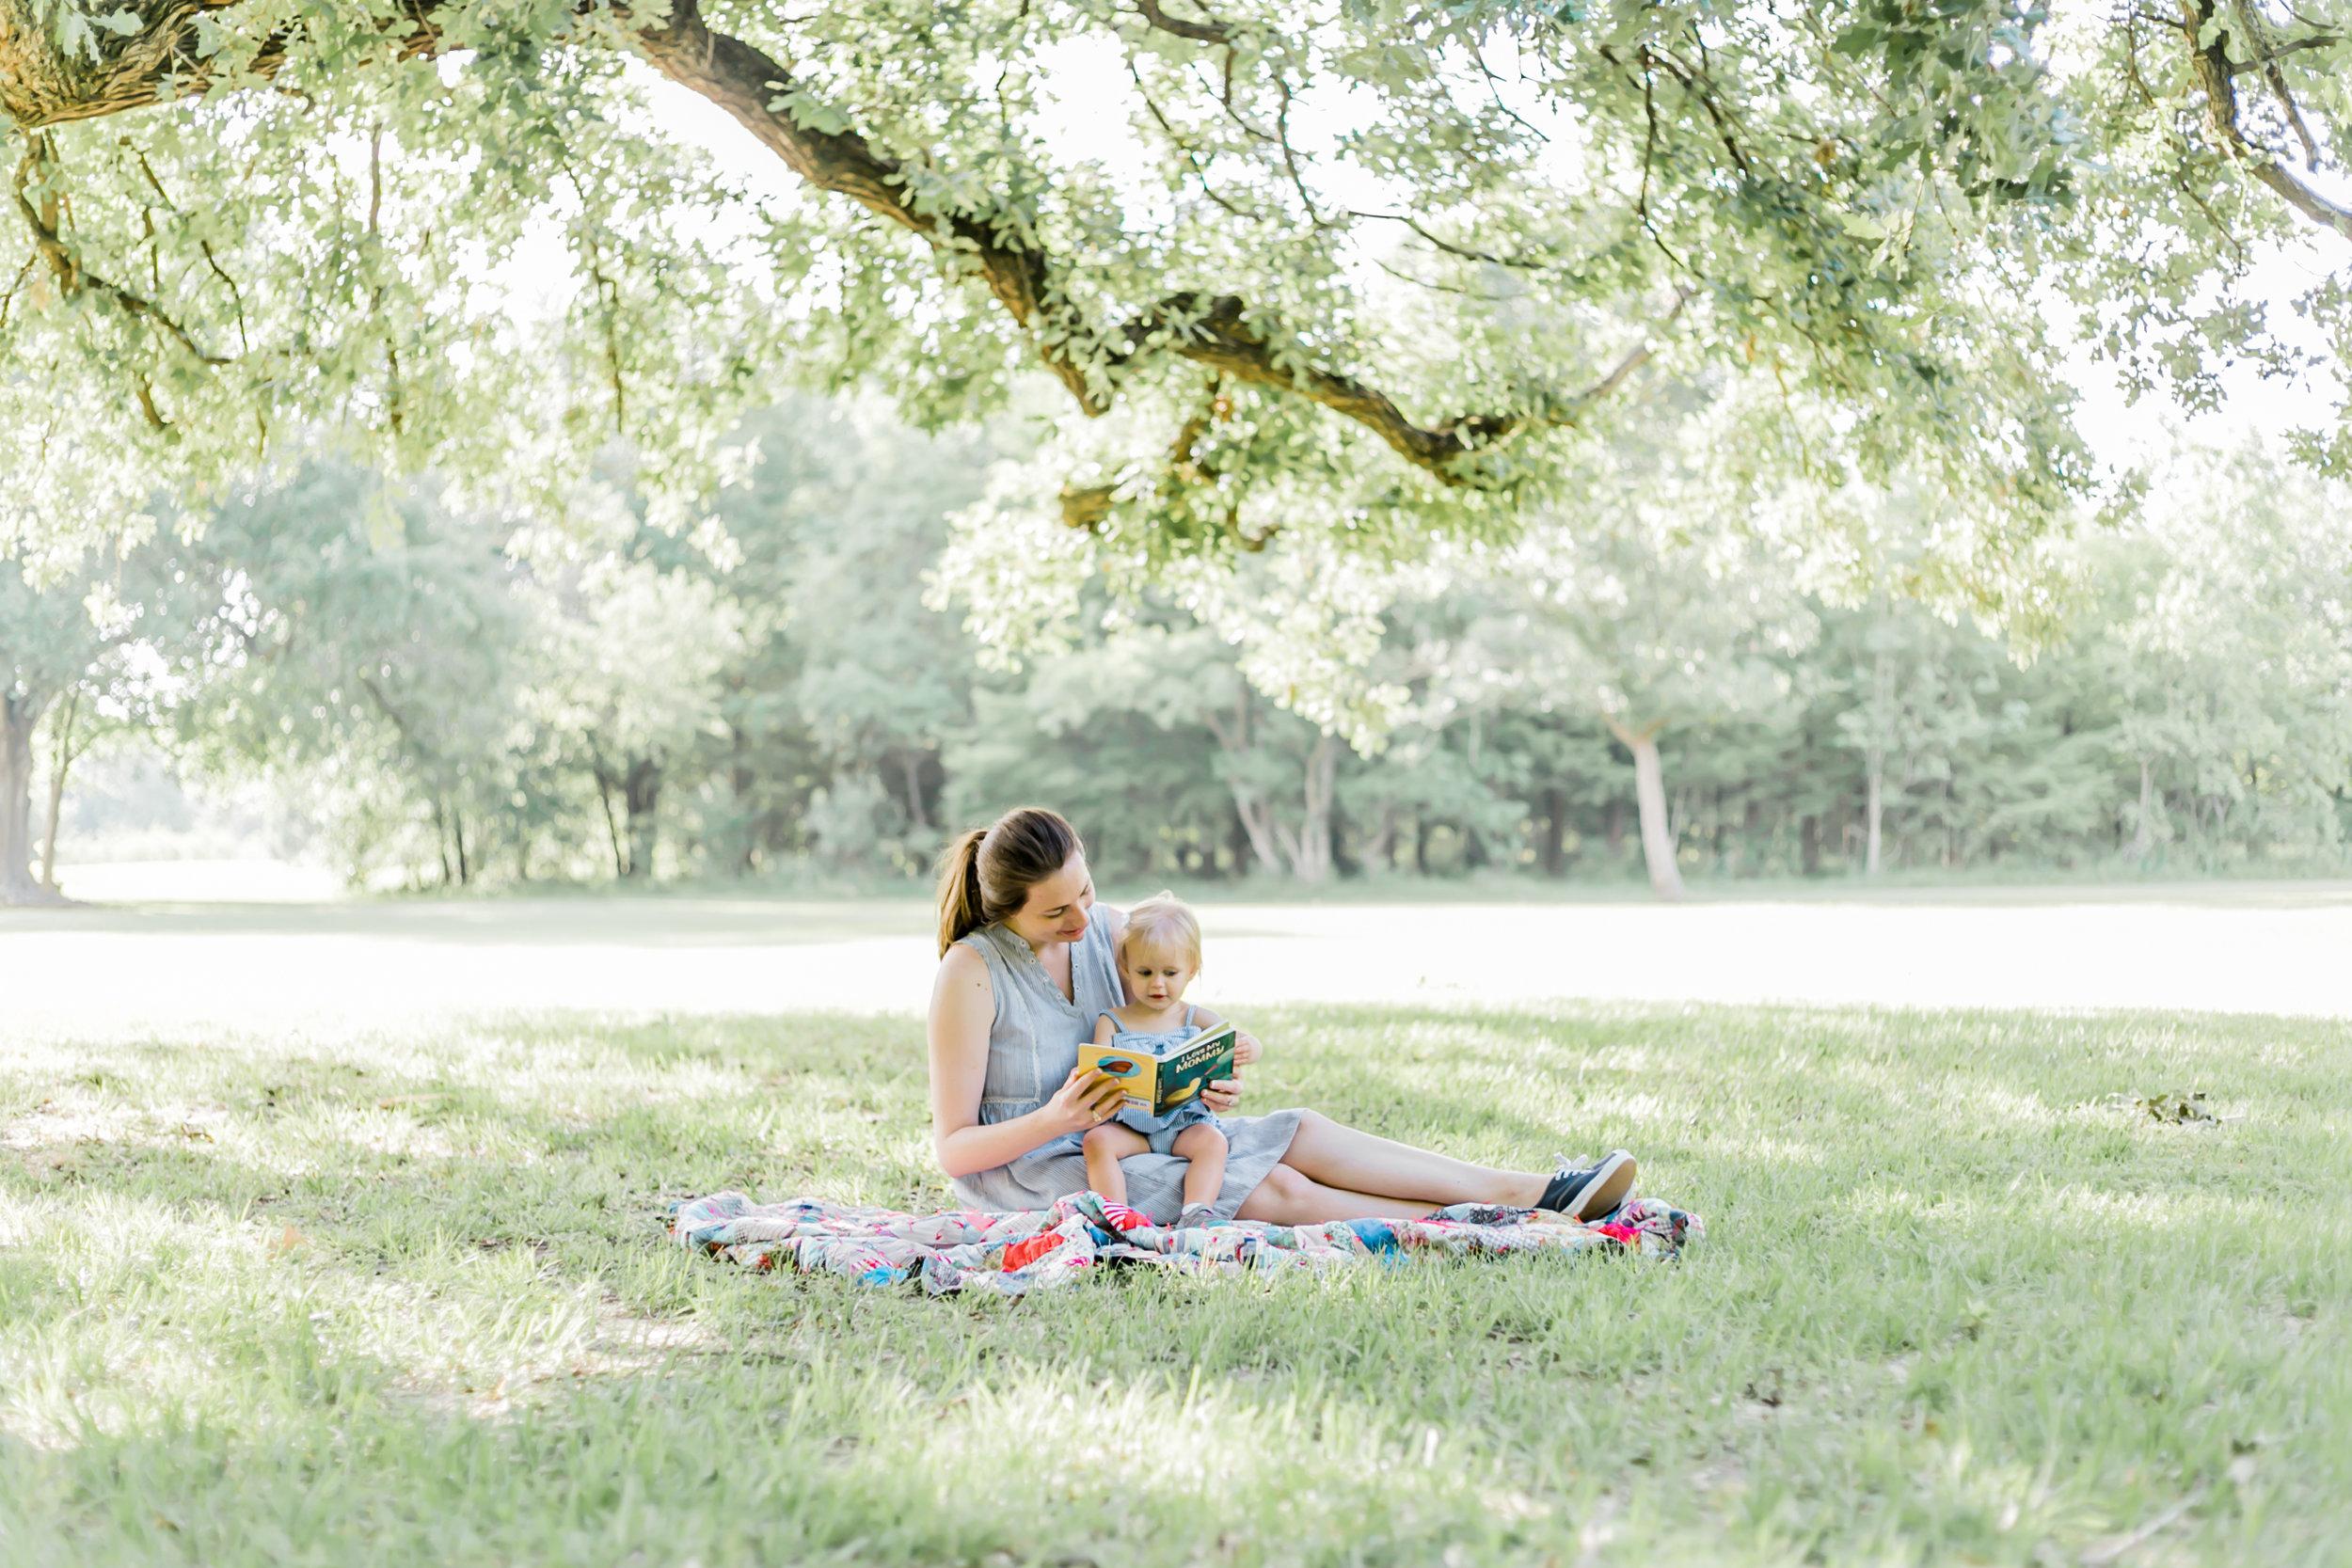 MothersDayMini-Blog-Hoelscher-5.jpg